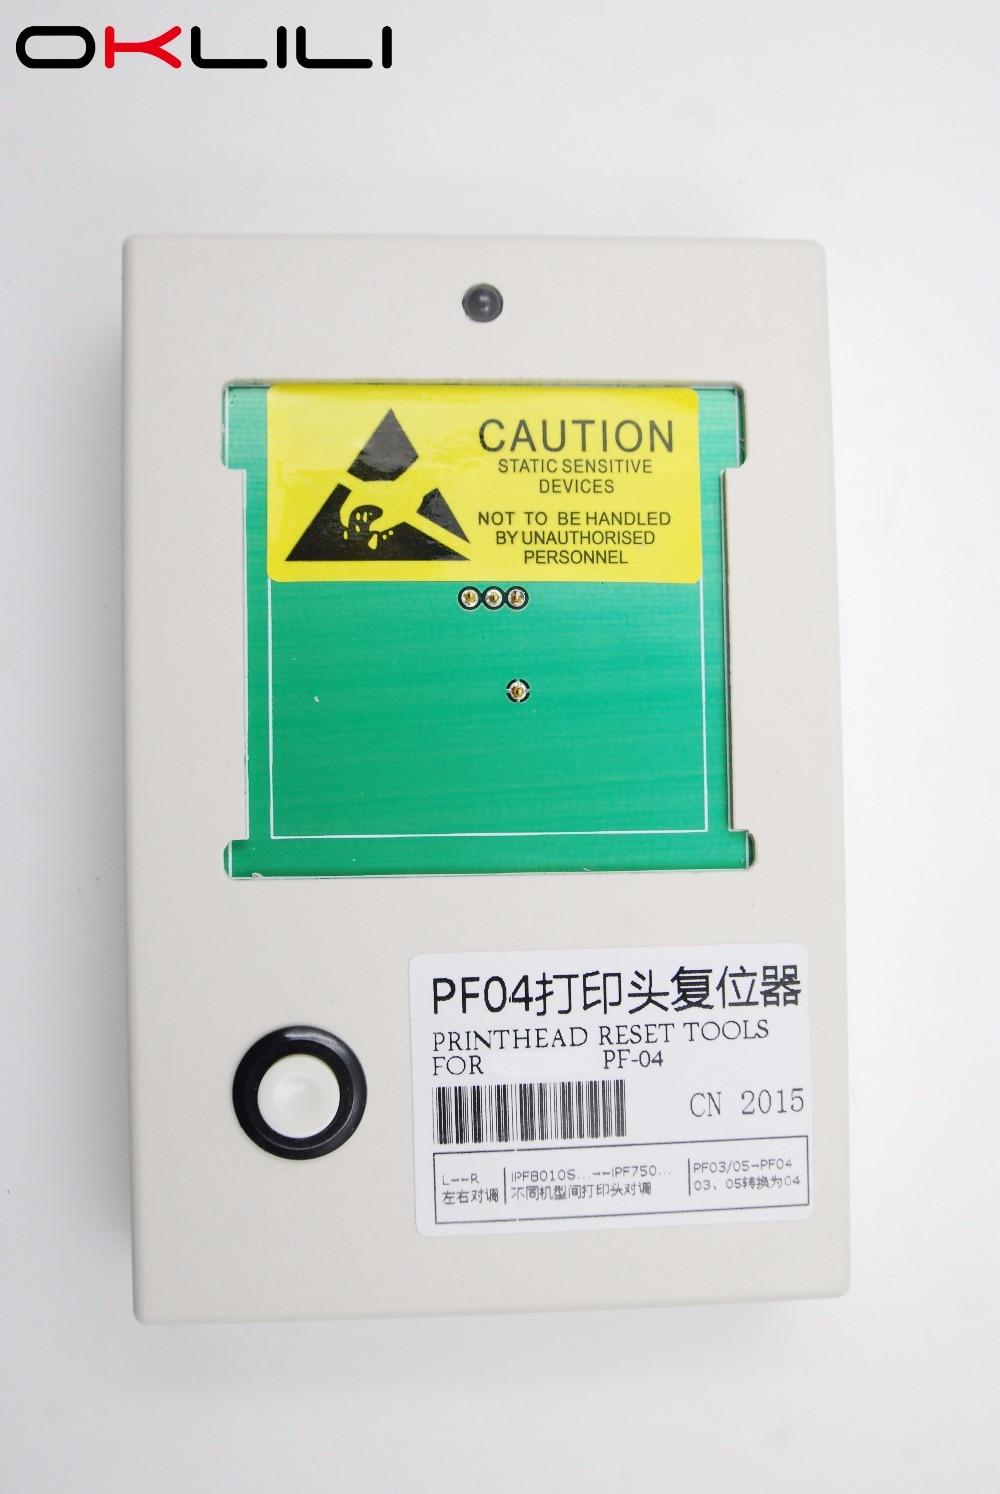 PF 04 Reset PrintHead Print Head Printer Head Chip Resetter Decoder for Canon iPF650 iPF655 iPF750 iPF760 iPF765 iPF680 iPF780